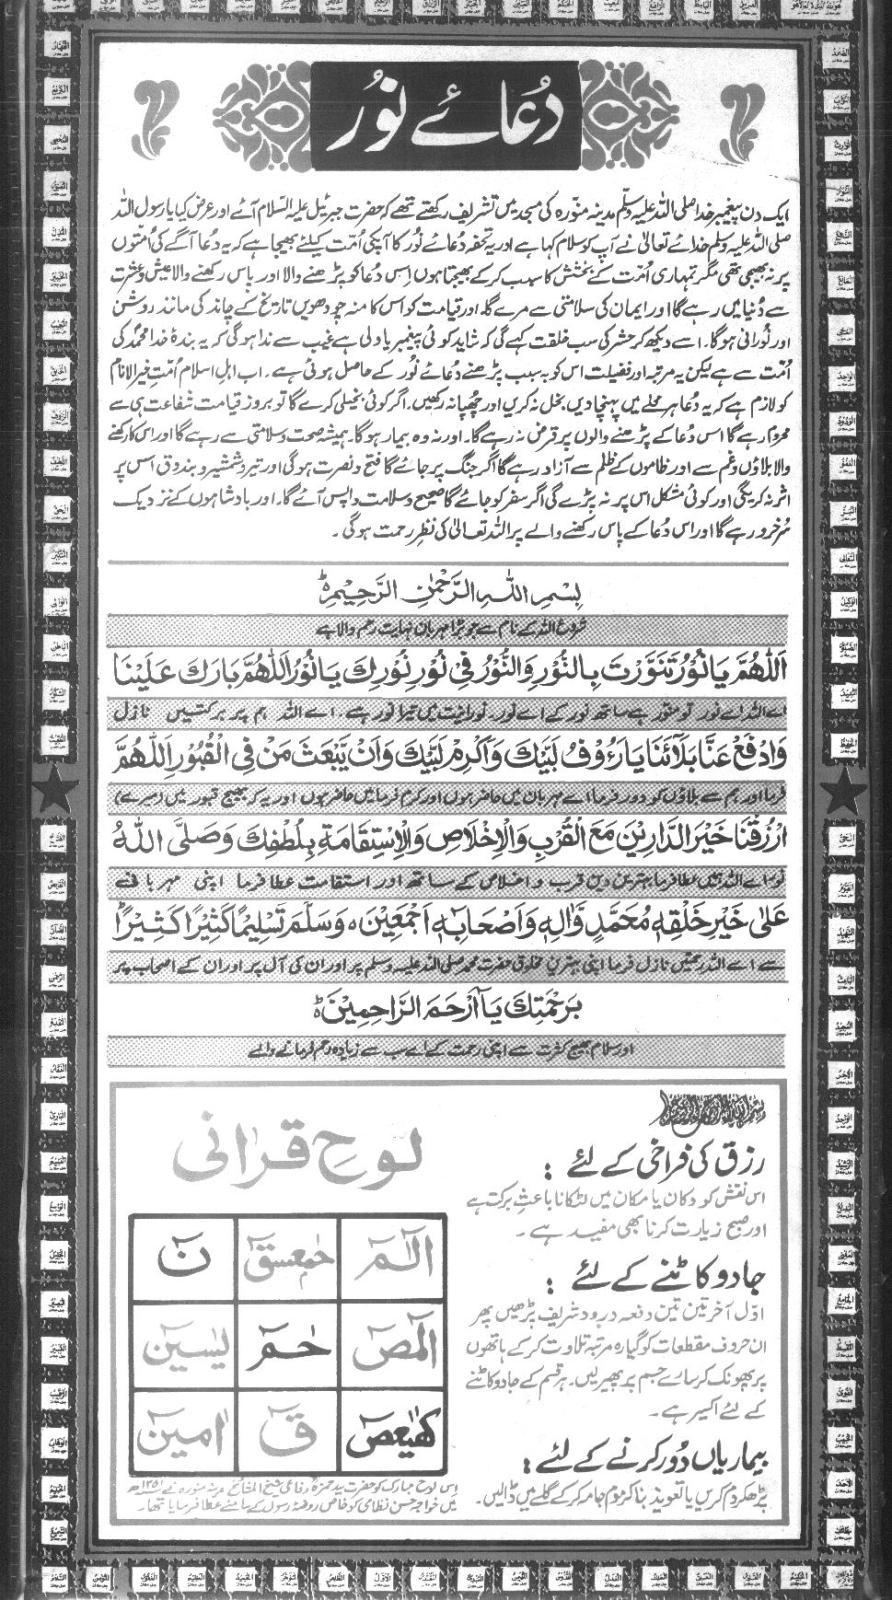 Dua-e-Noor aur Uss Ki Fazeelat-dua-noor-jpg